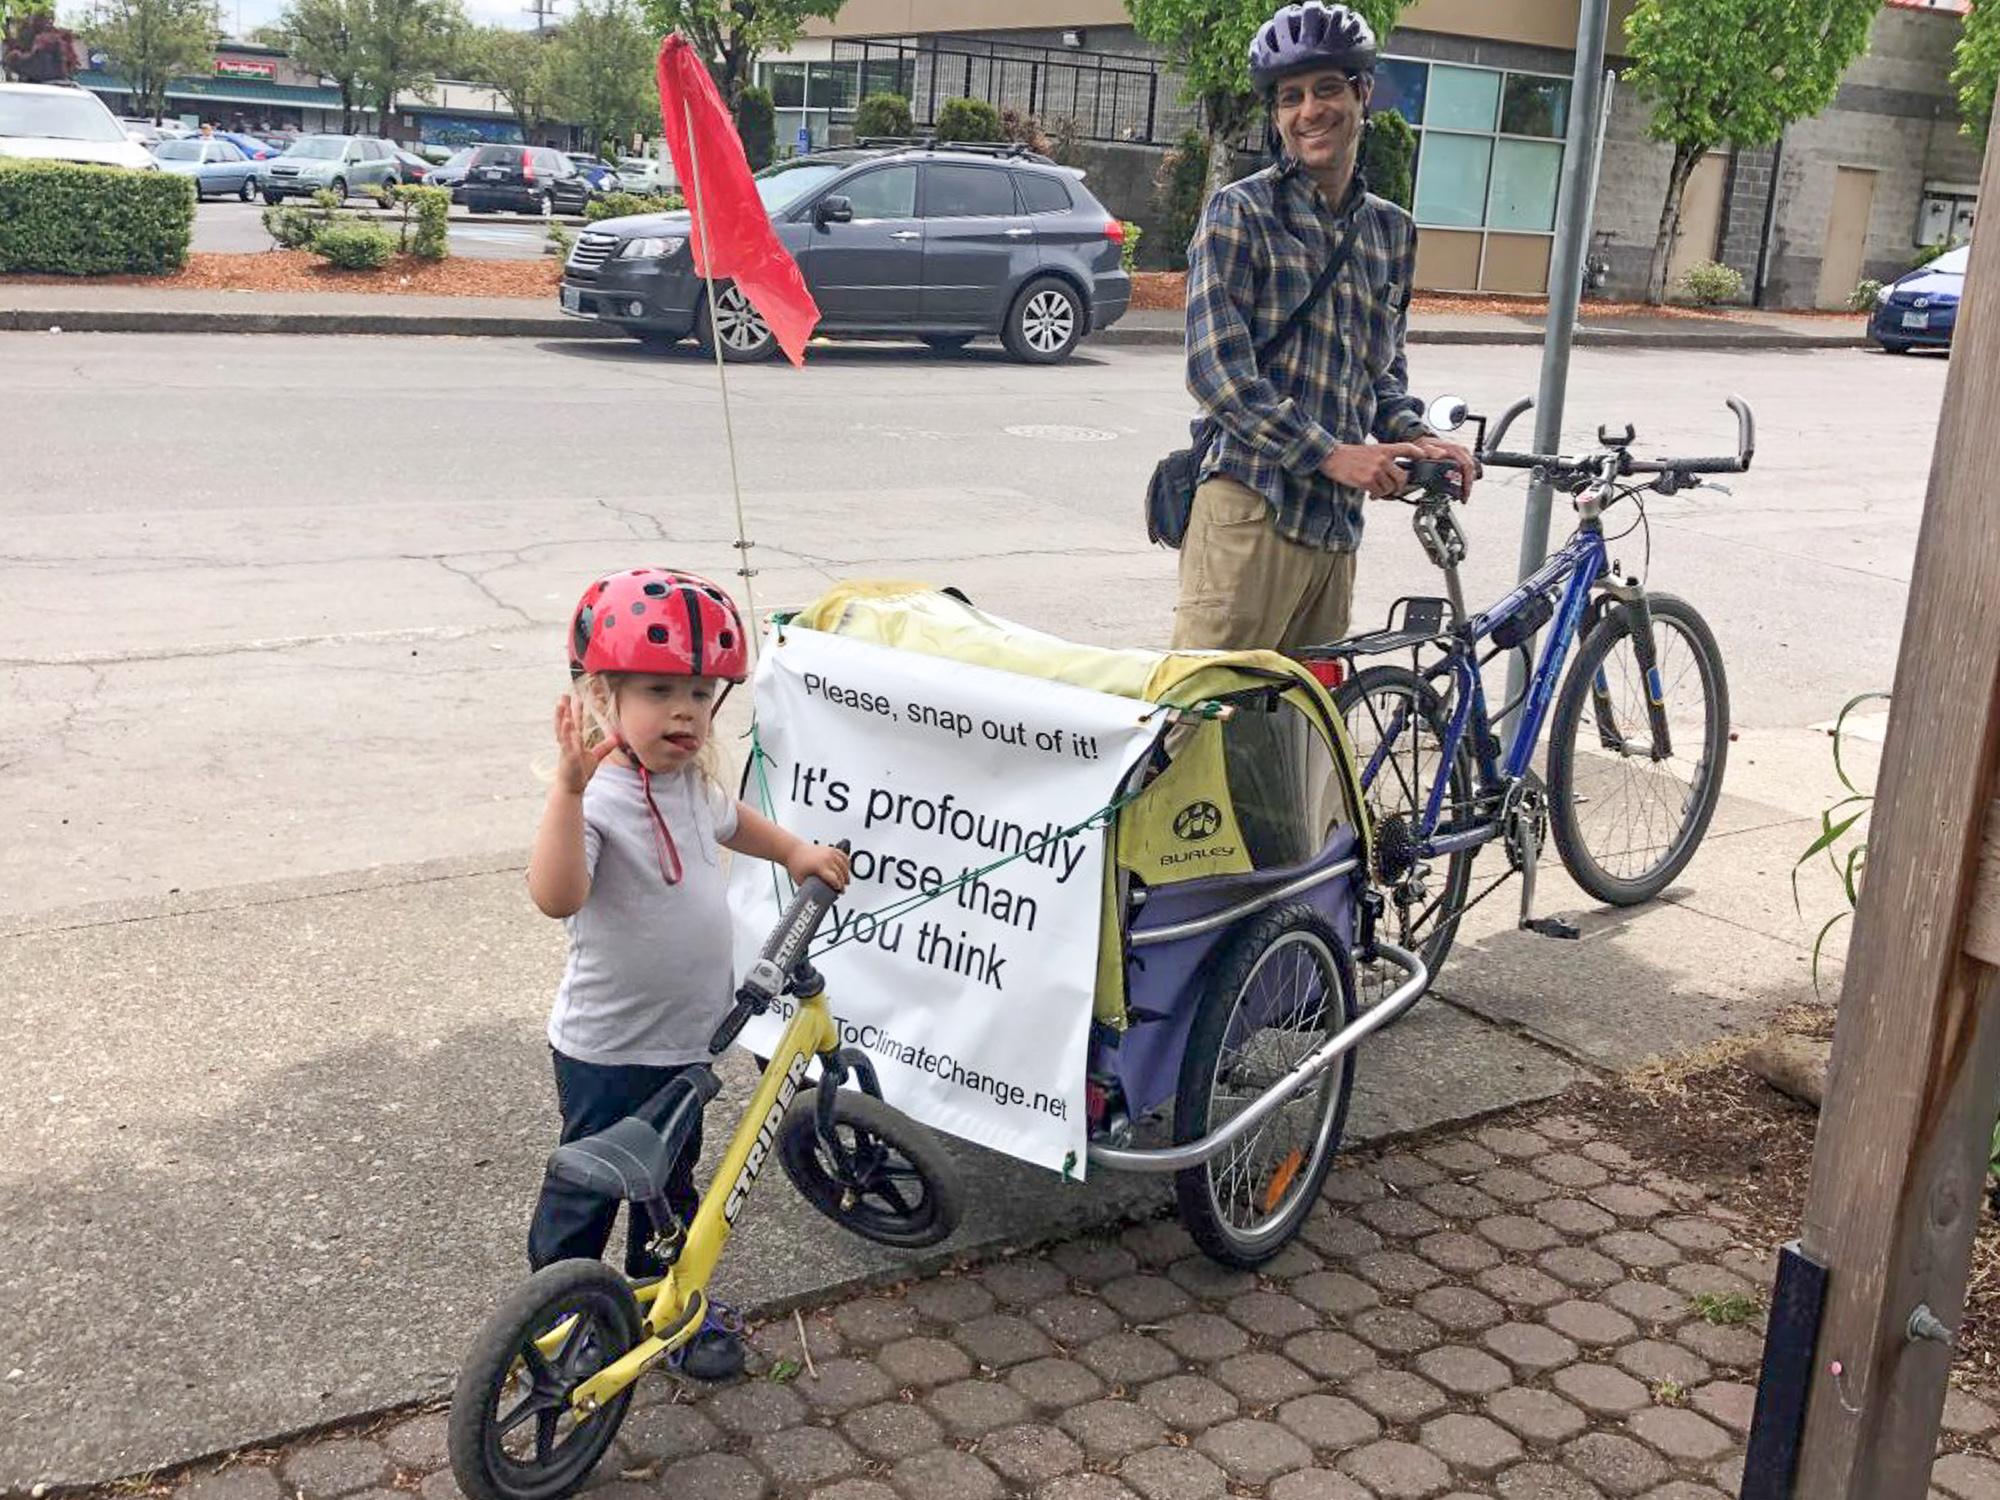 5ab7ed15e3d Skip Spitzer tows his son's balance bike behind their trailer. (Photos:  Madi Carlson)